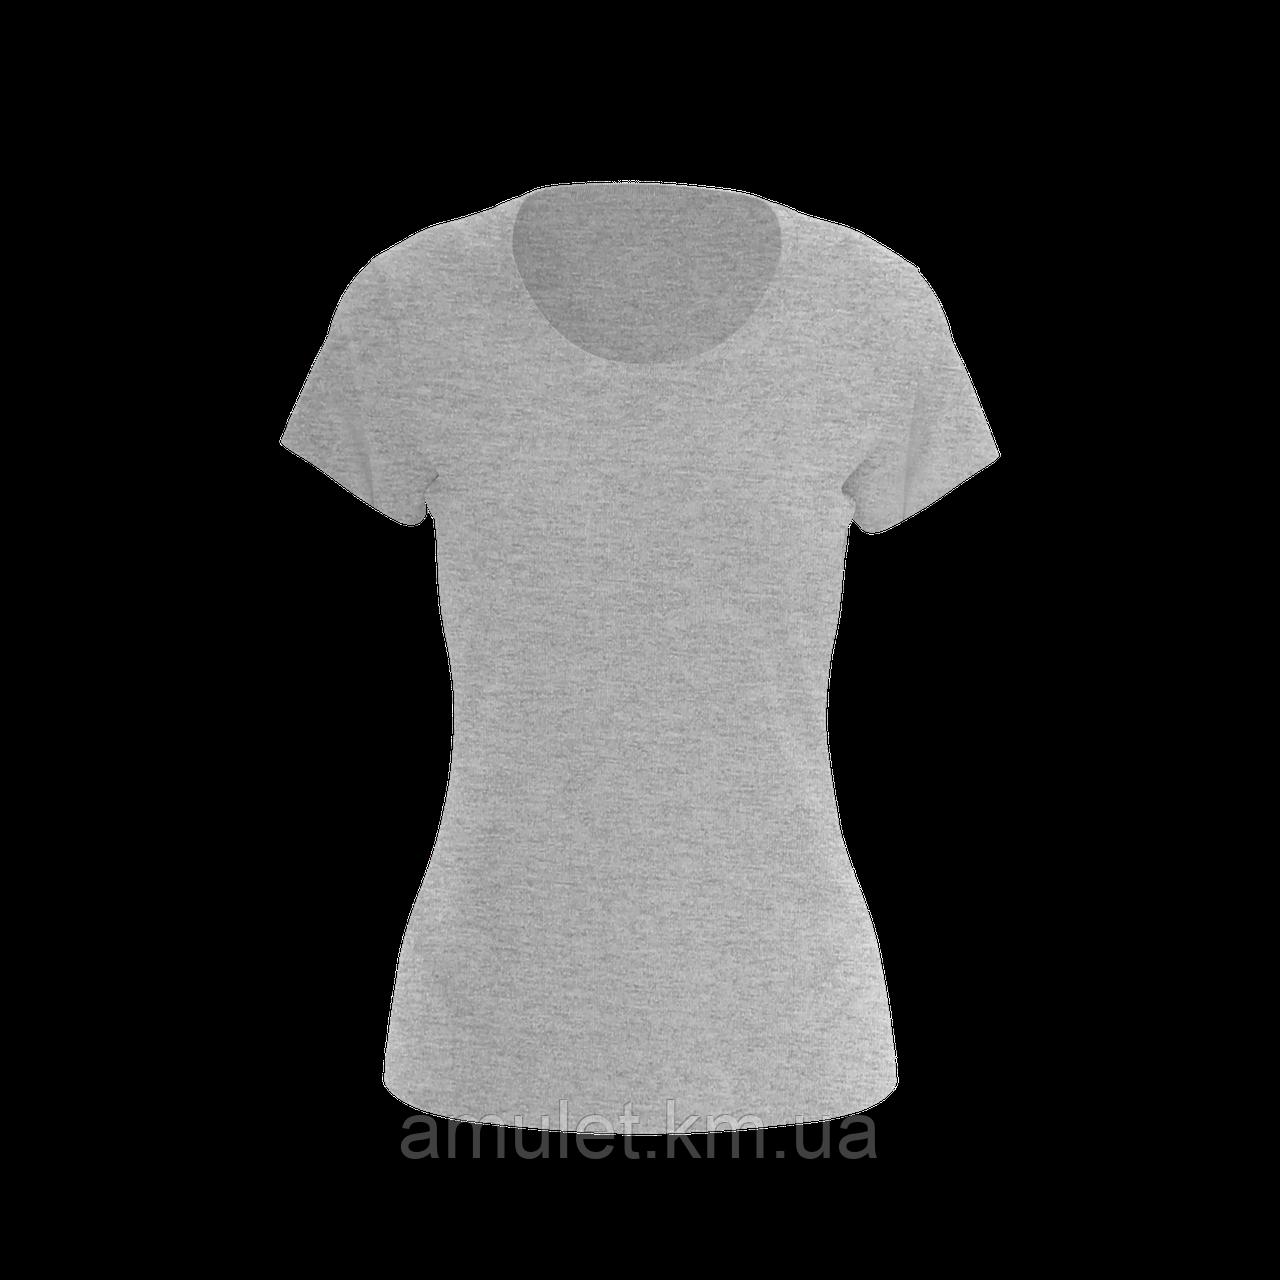 Футболка жіноча 100% бавовна сірий меланж